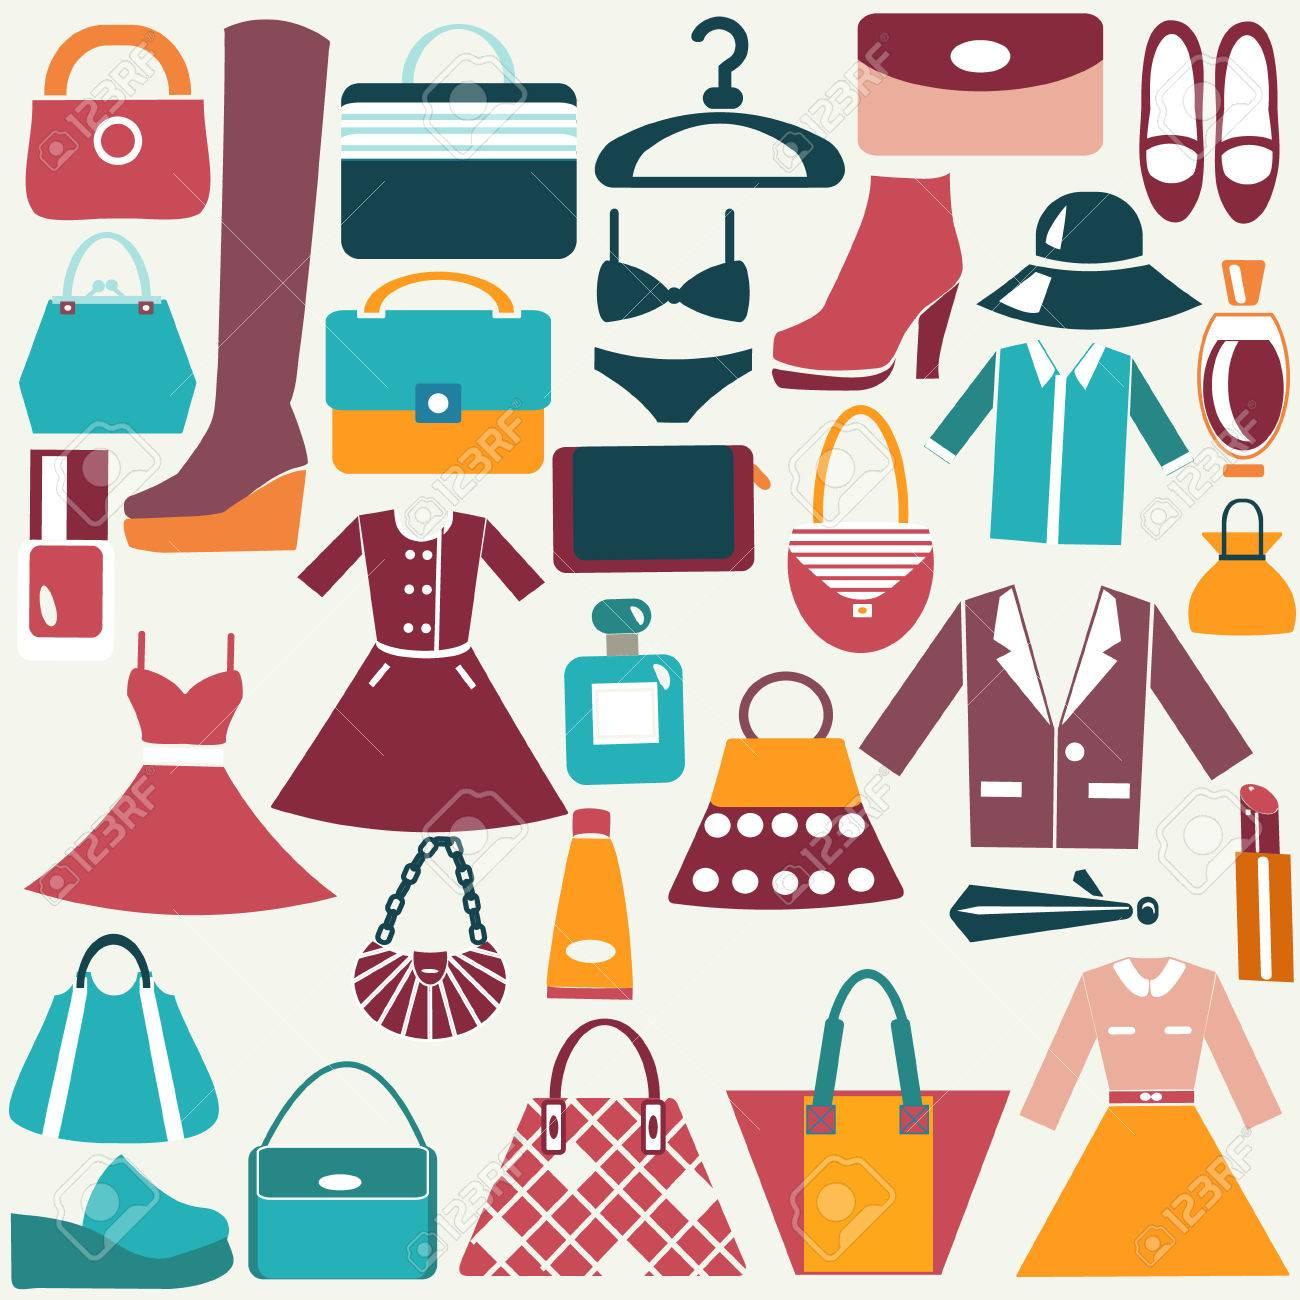 730fe8fcef87 Foto de archivo - Ropa y accesorios iconos de época plano del color del  icono de la moda del bolso de iconos de compras